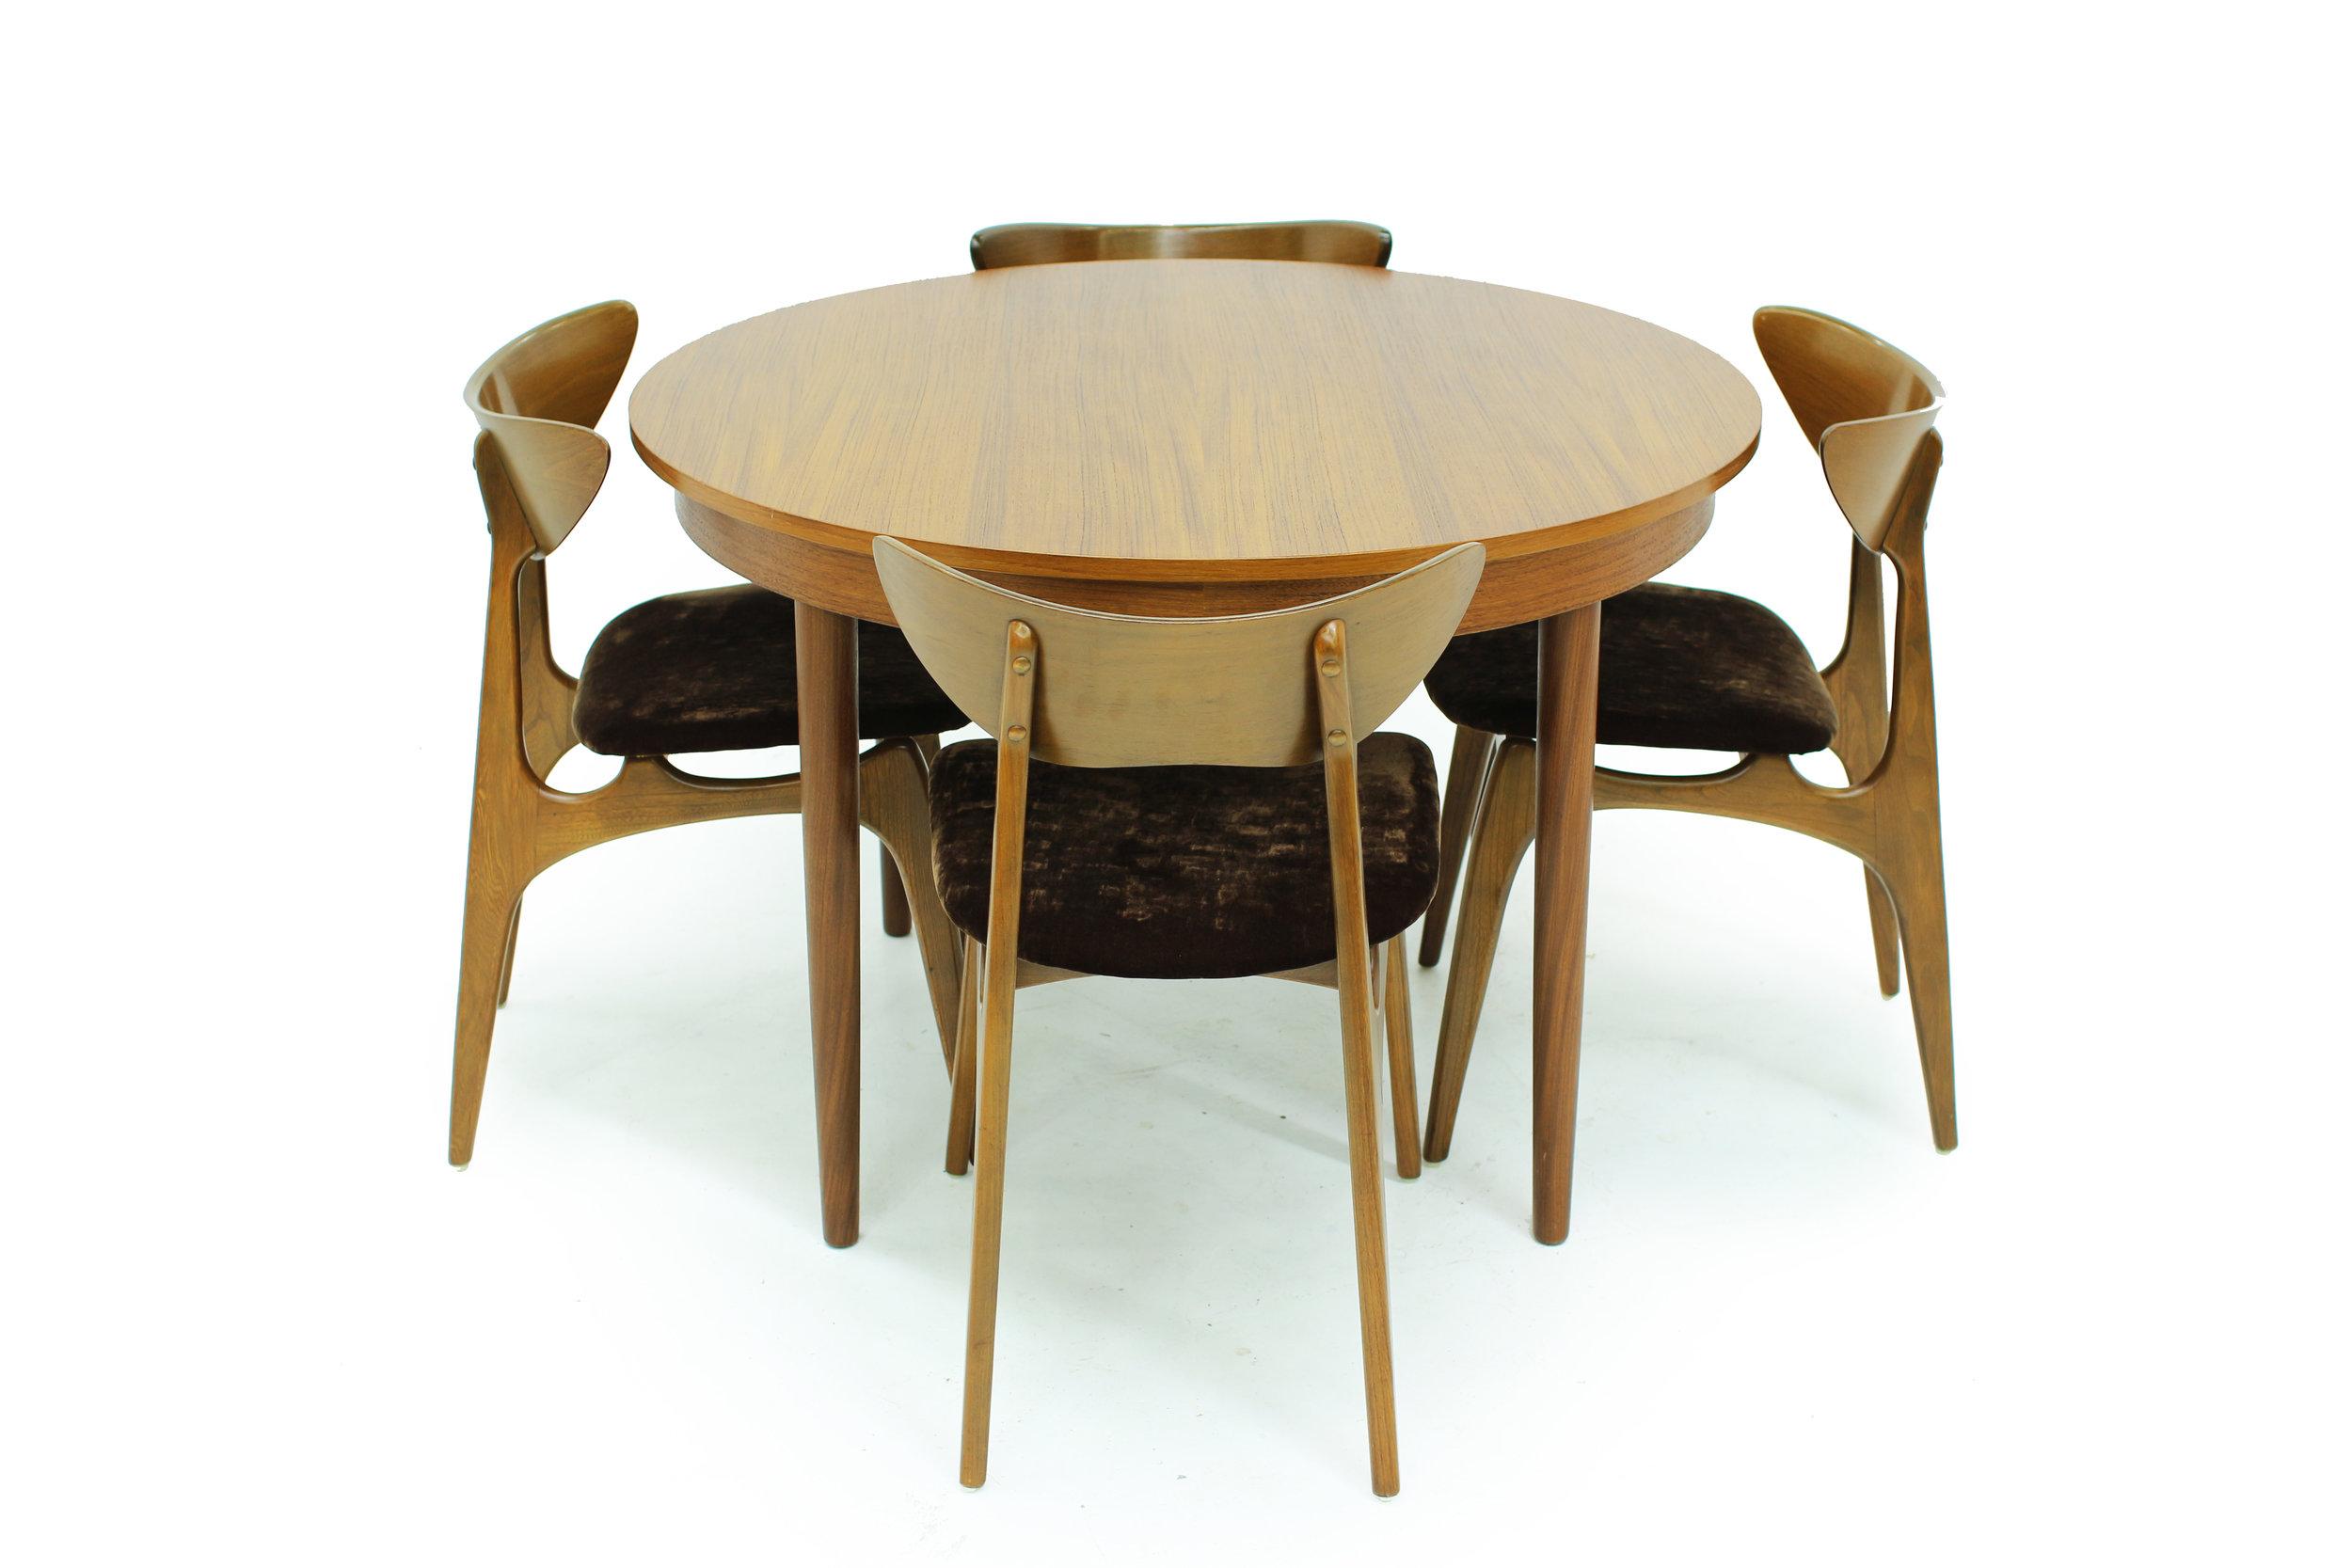 MCM Round Teak Dining Table Made in Denmark(2).jpg